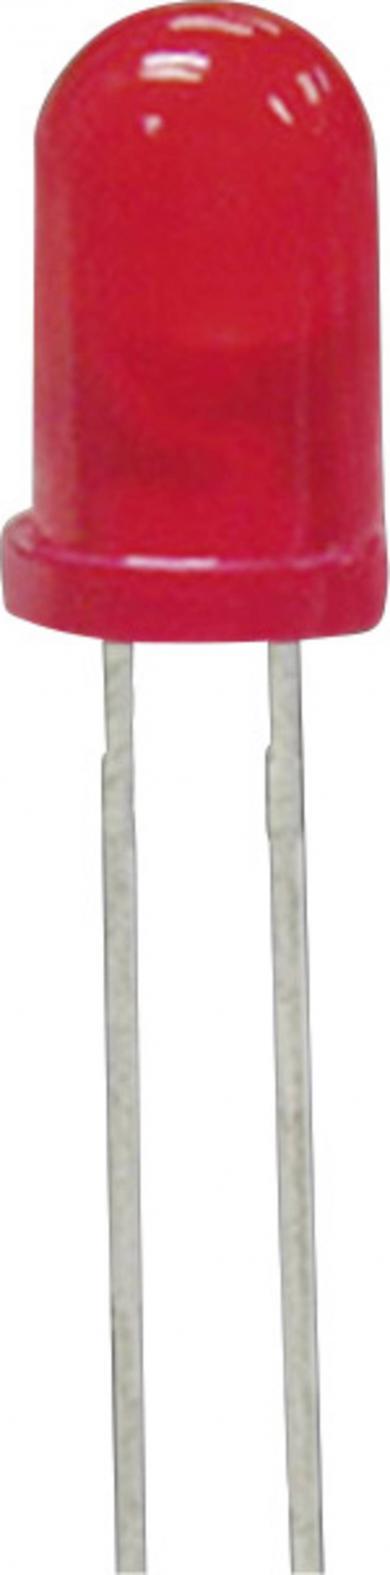 Led ultra-luminos 5 mm L 53 SRD/C, roşu